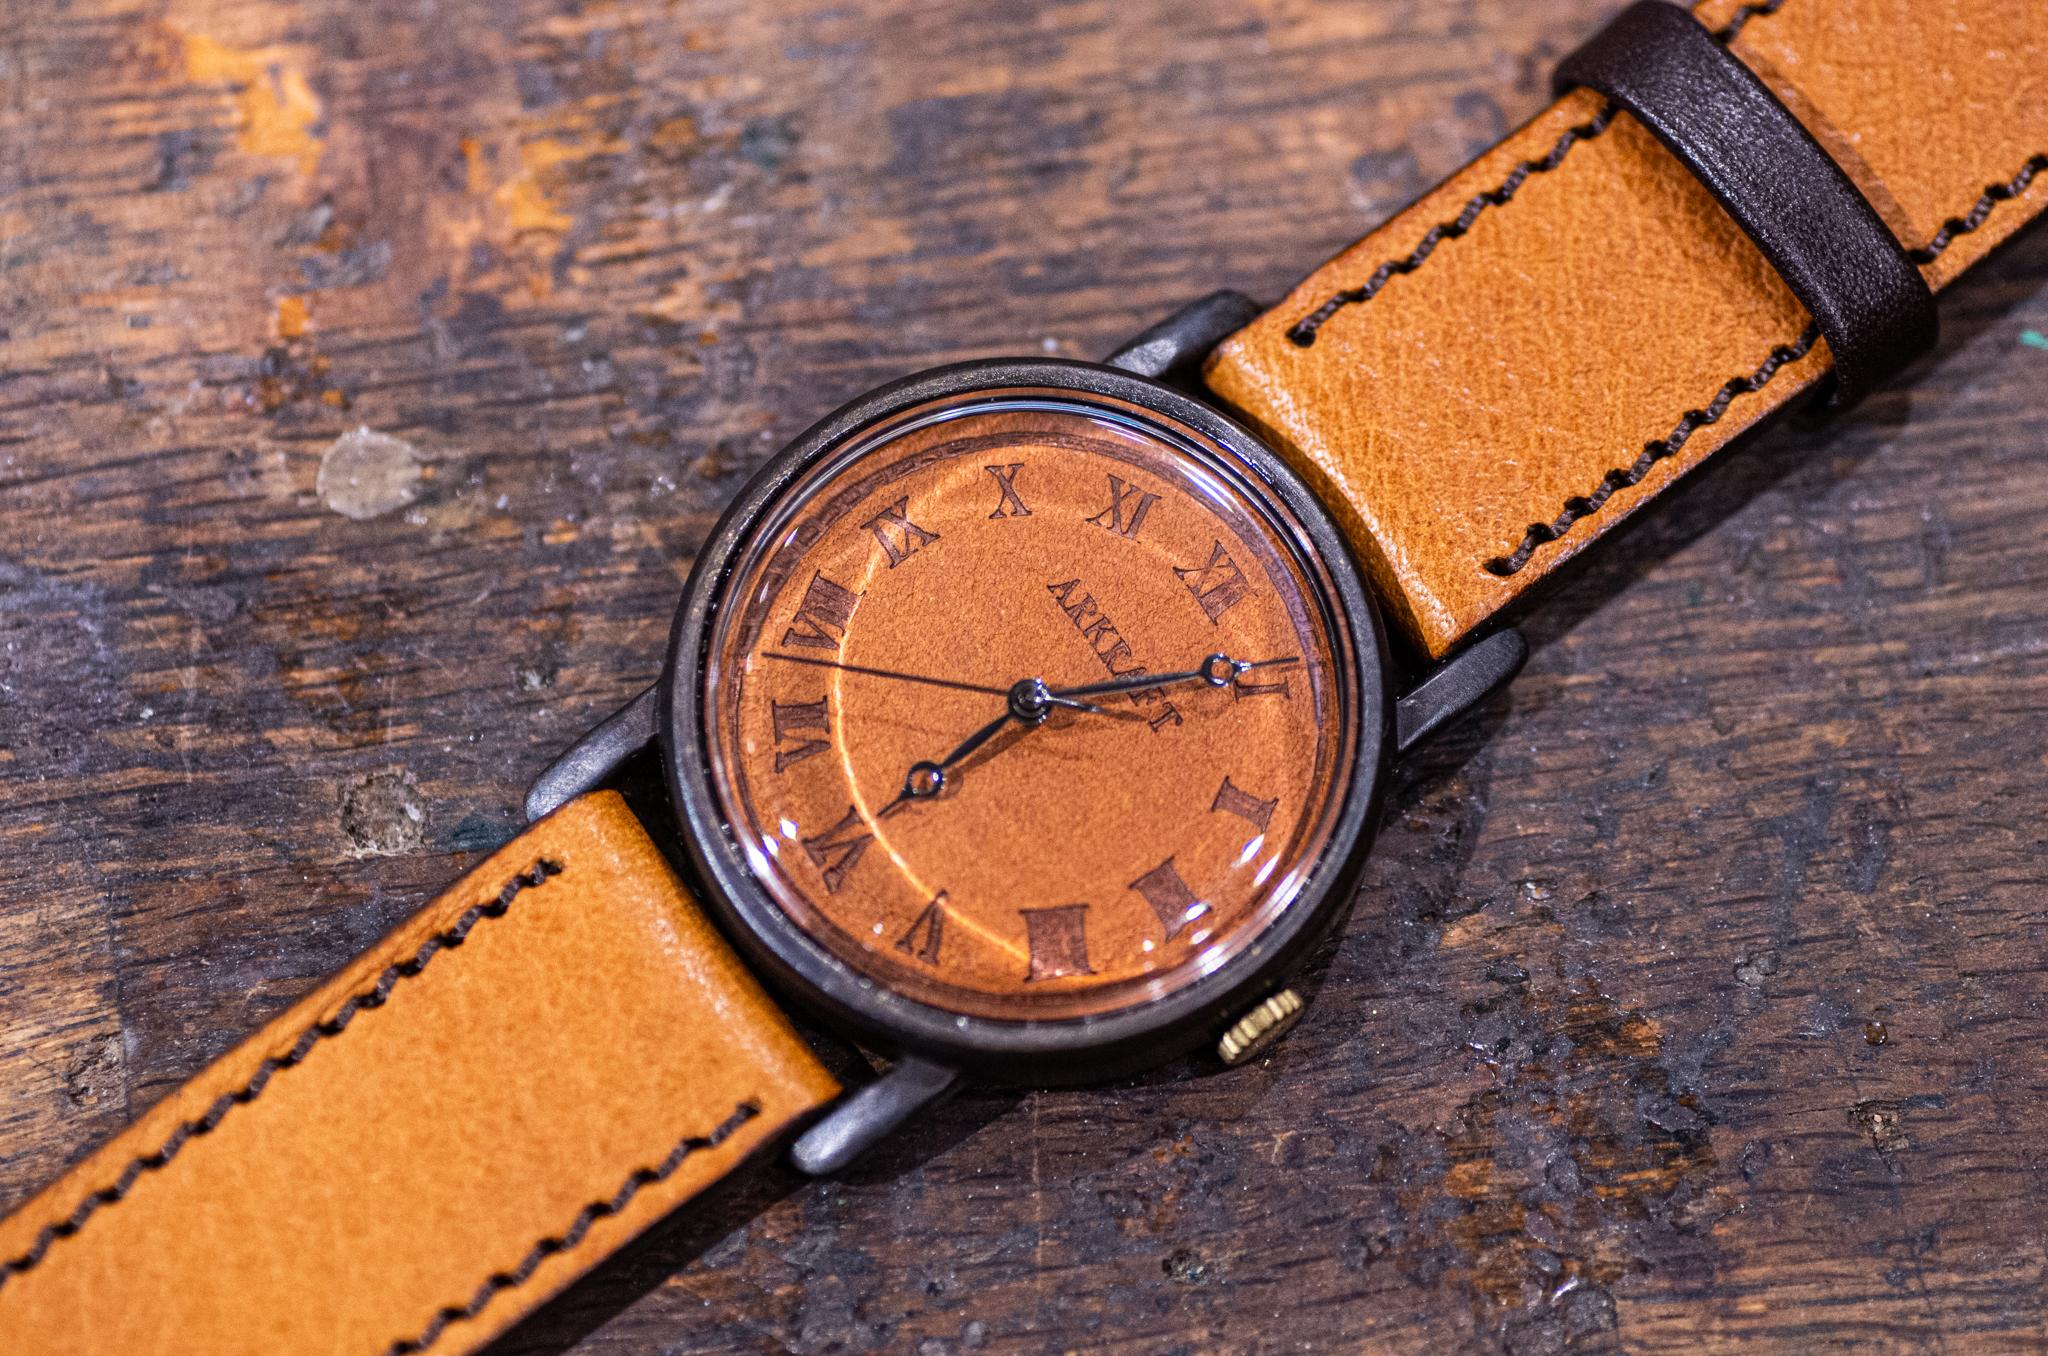 焼き印でローマ数字を入れた革文字盤の大き目の腕時計(Dennis Large/店頭在庫品)